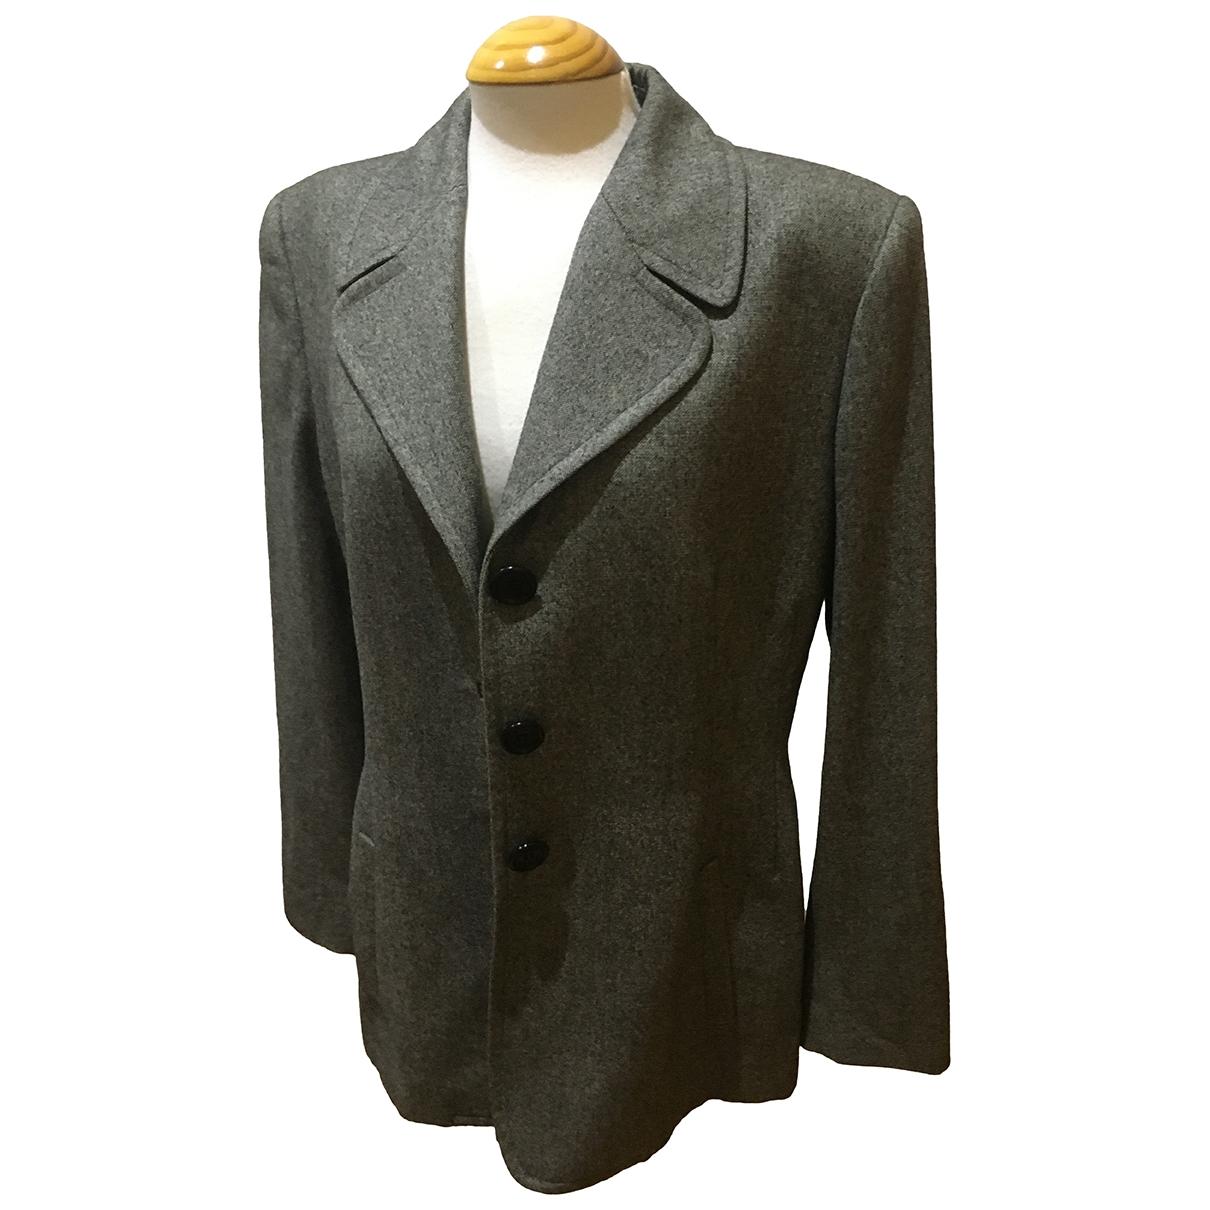 Loewe \N Jacke in  Grau Wolle